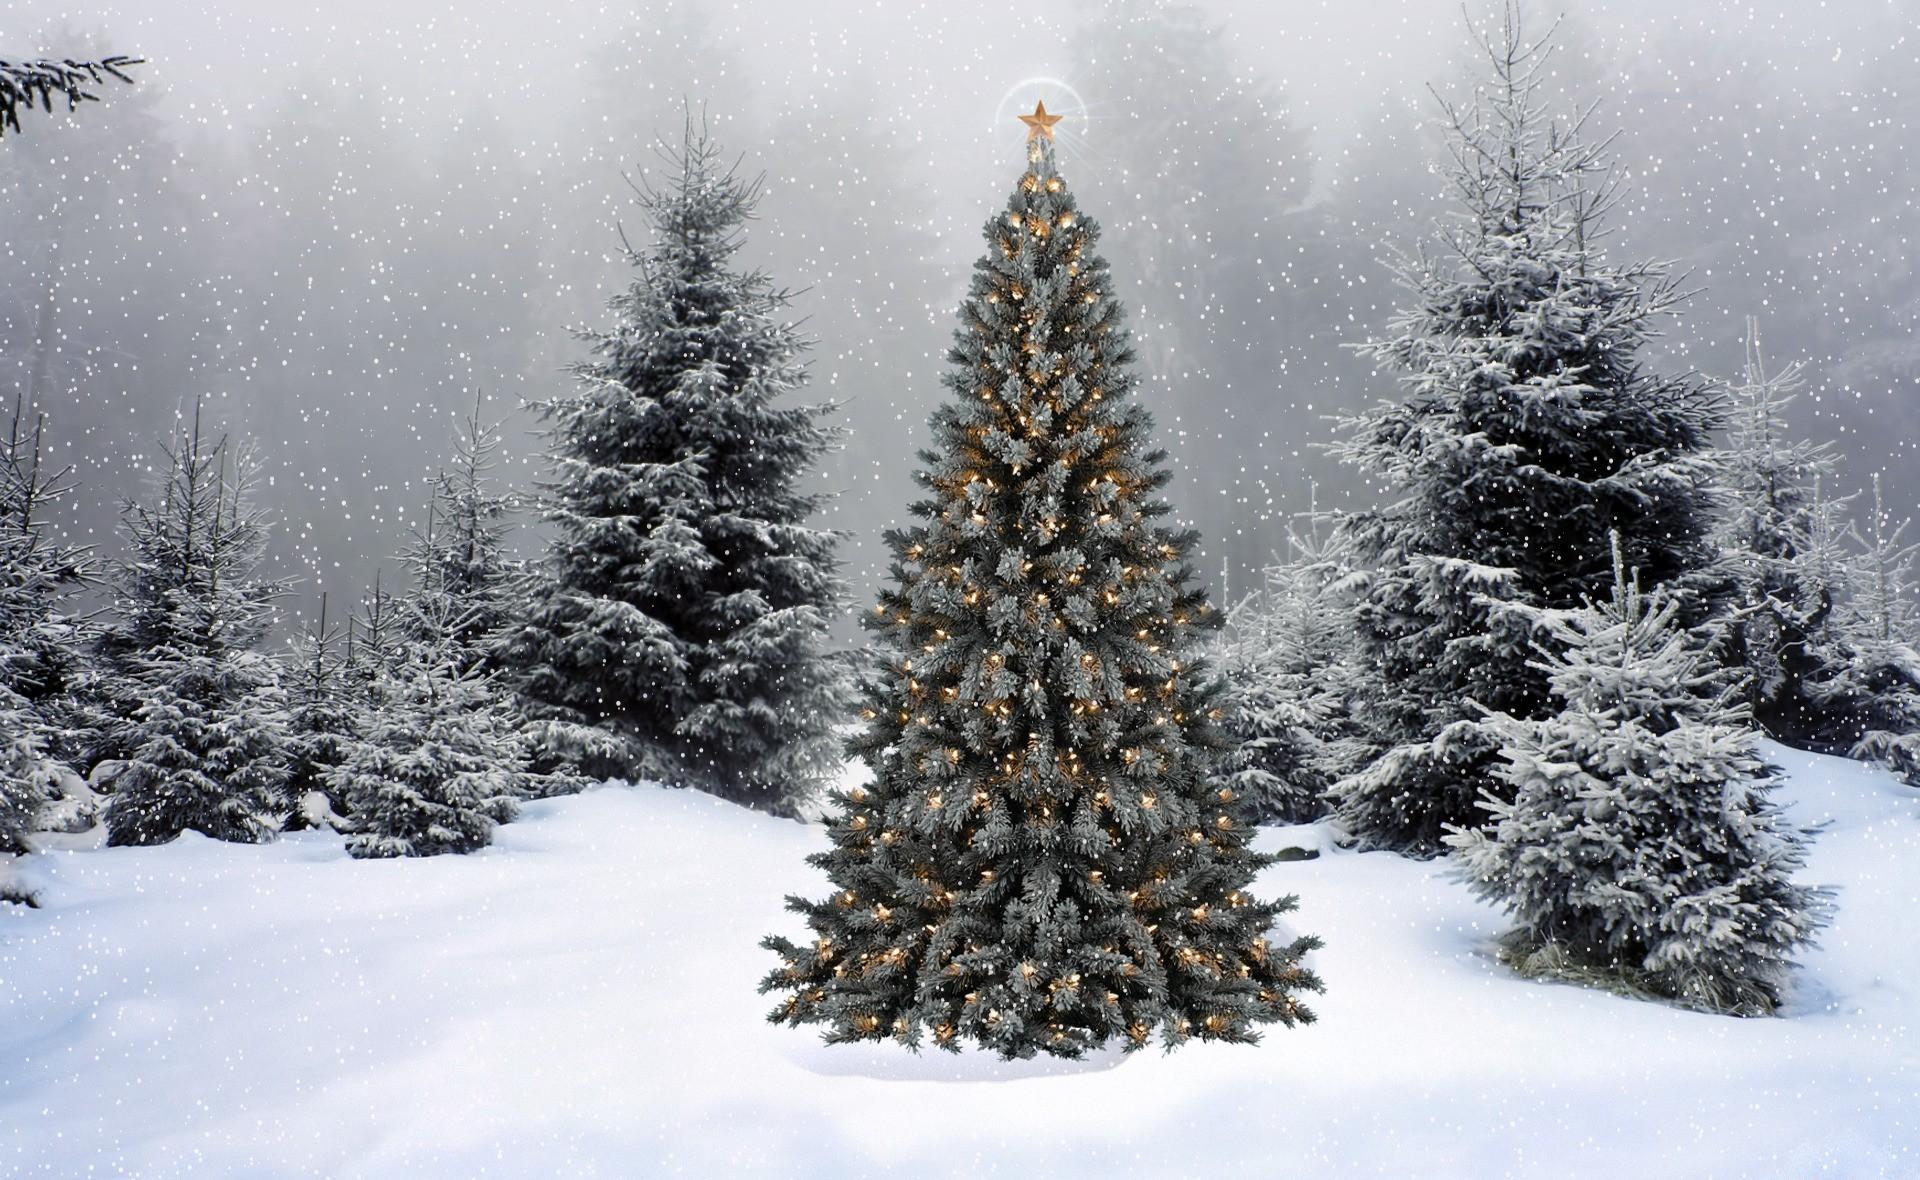 129884 скачать обои Праздники, Гирлянды, Звезда, Снег, Зима, Лес, Новый Год, Рождество, Елки - заставки и картинки бесплатно